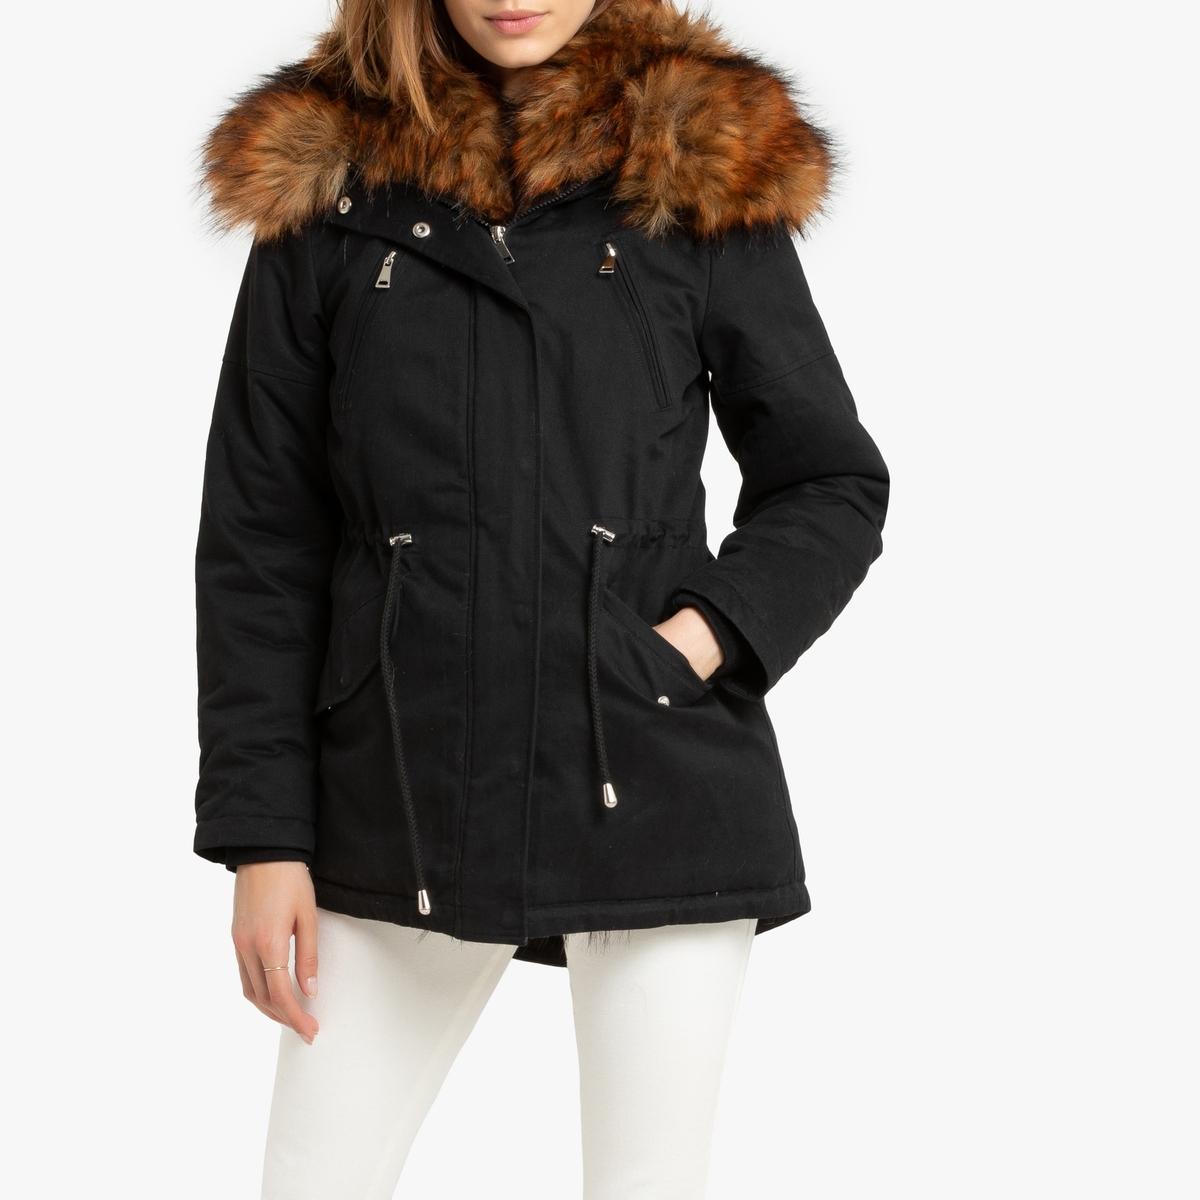 Пальто La Redoute Средней длины с капюшоном из искусственного меха L черный цена